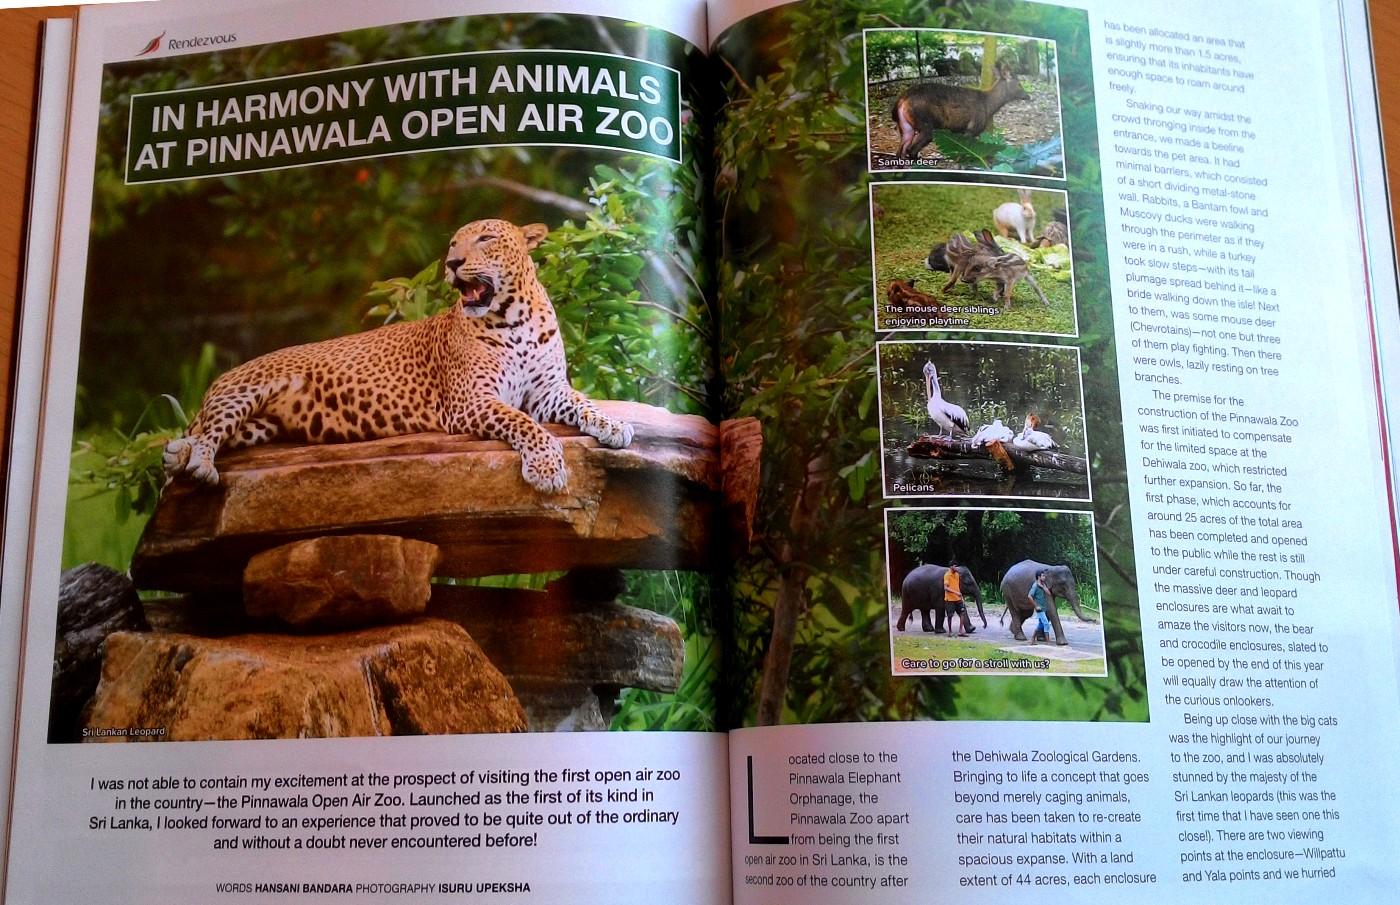 """Около питомника слонов Пиннавела открылся зоопарк """"Open Air National Zoological Gardens at Pinnawala"""". Составляем маршрут путешествия по Шри-Ланке."""